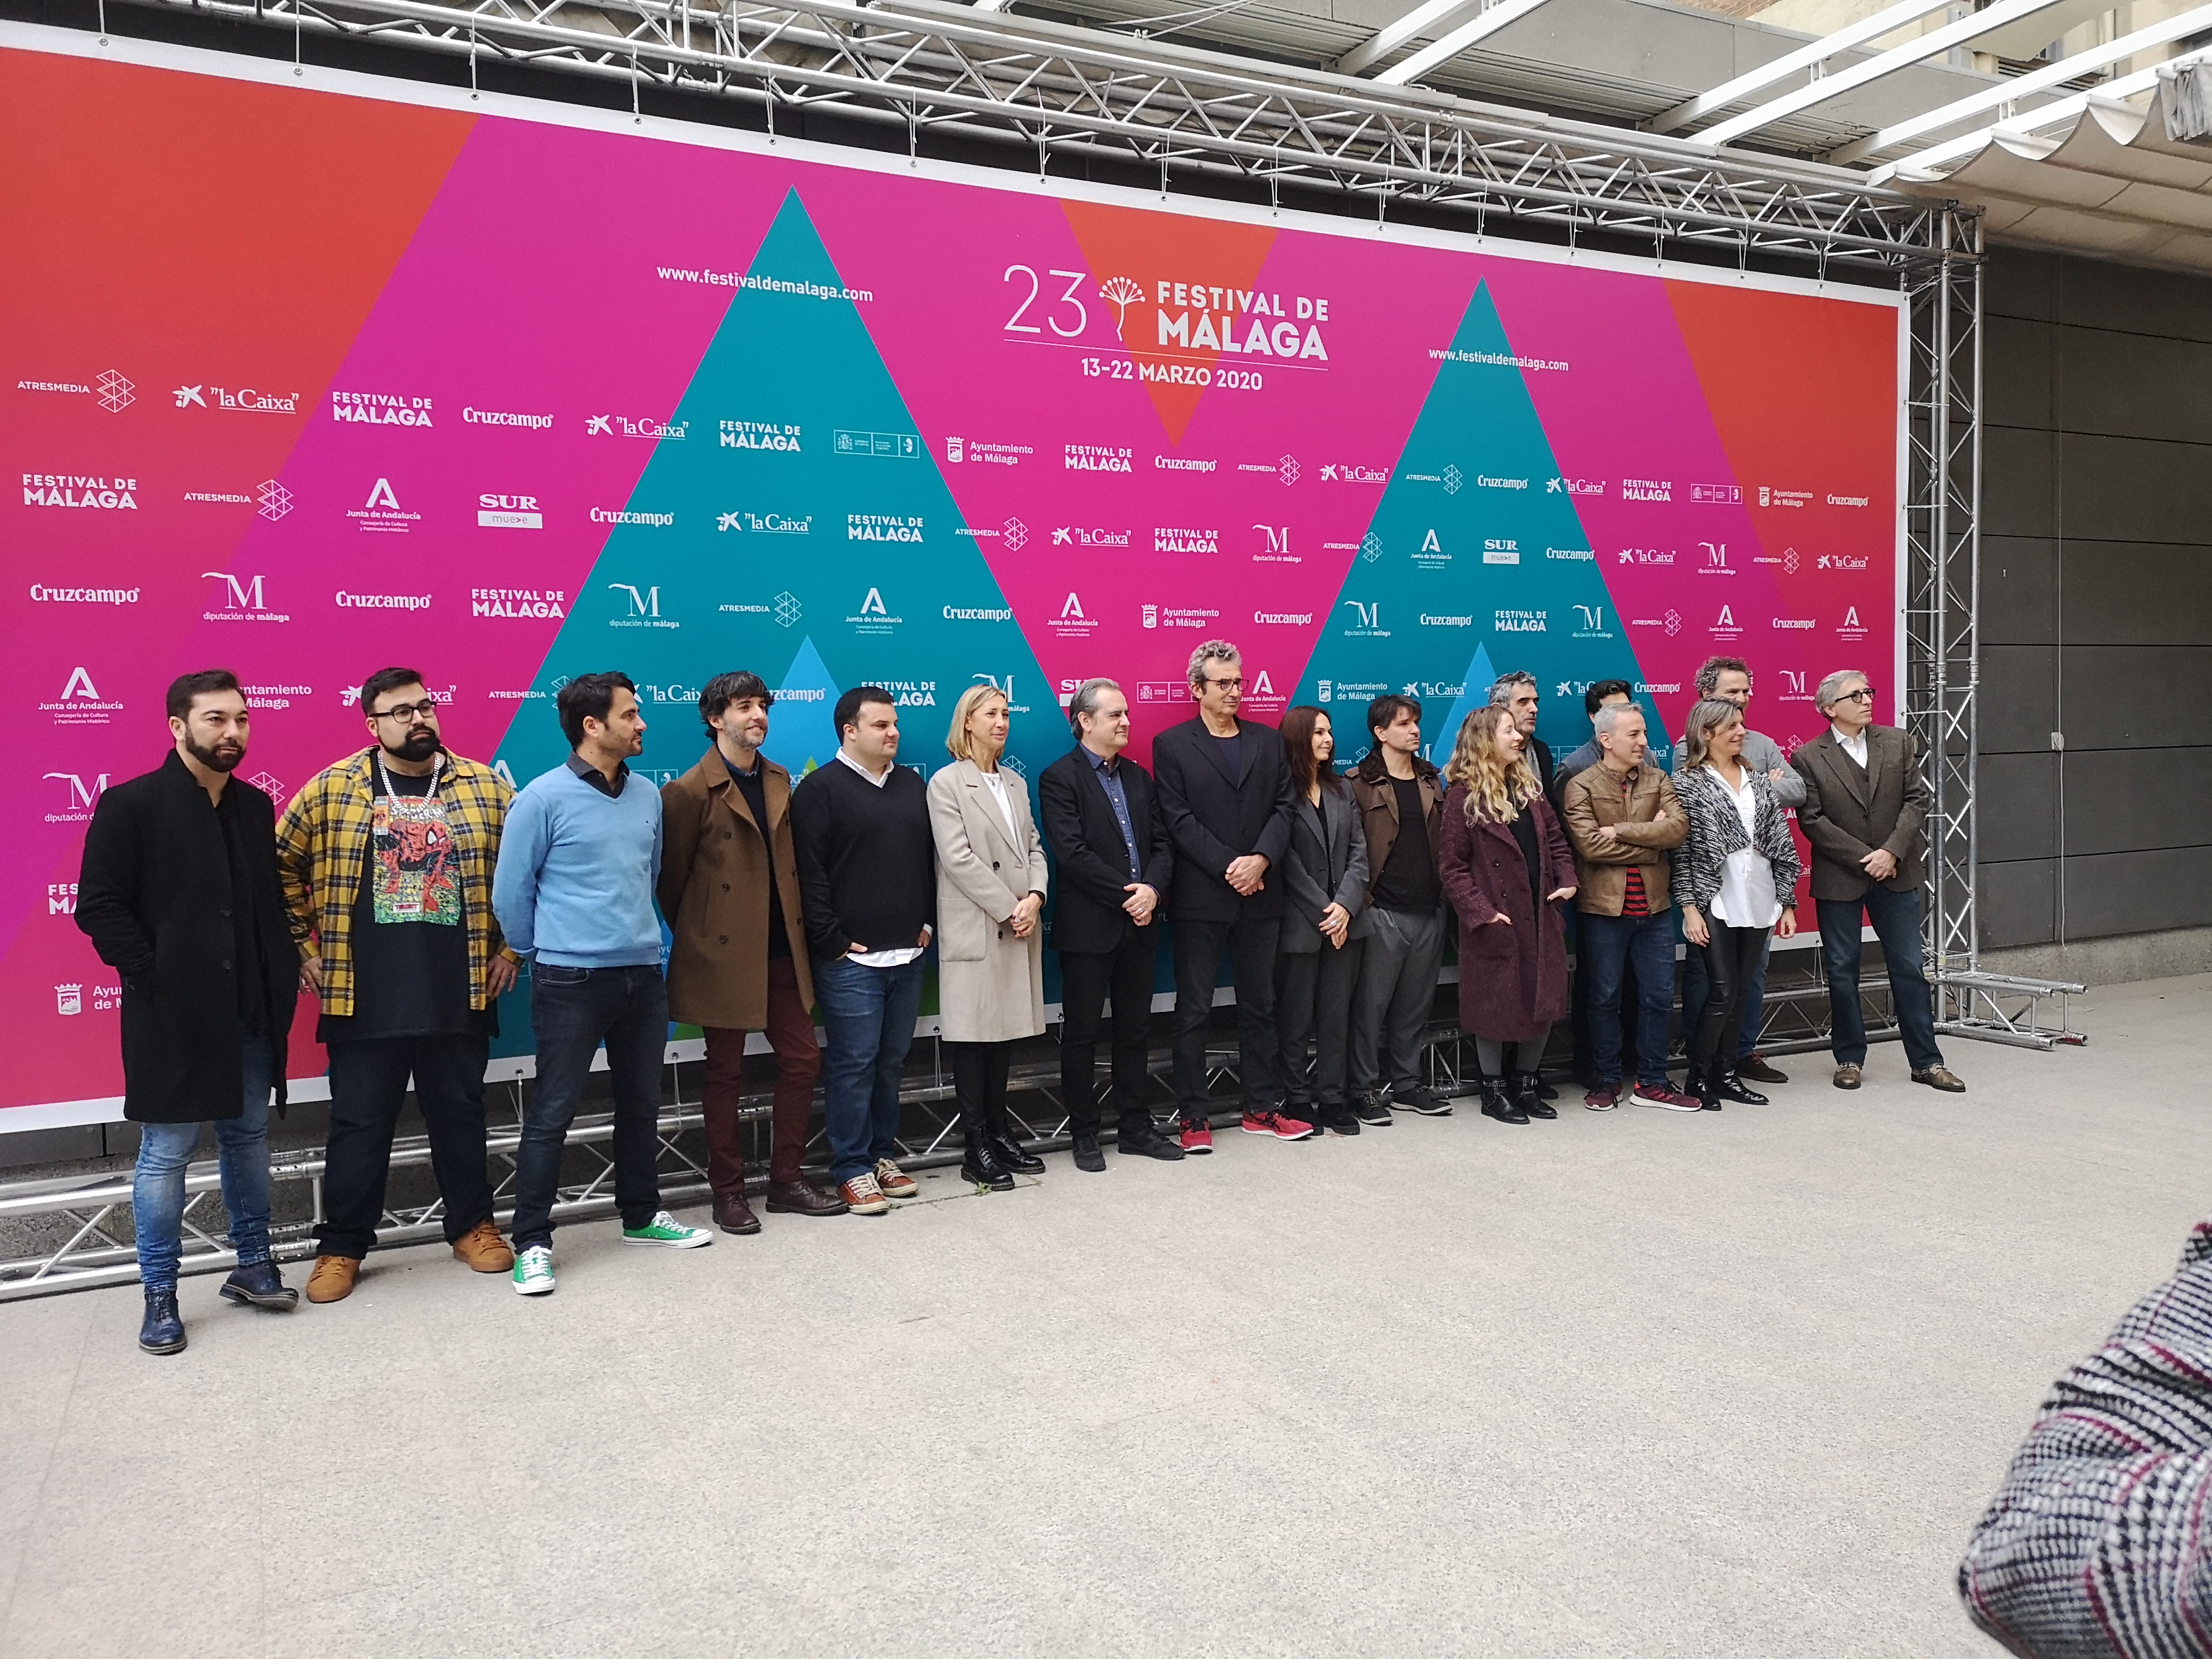 Presentación del Festival de Málaga en Madrid